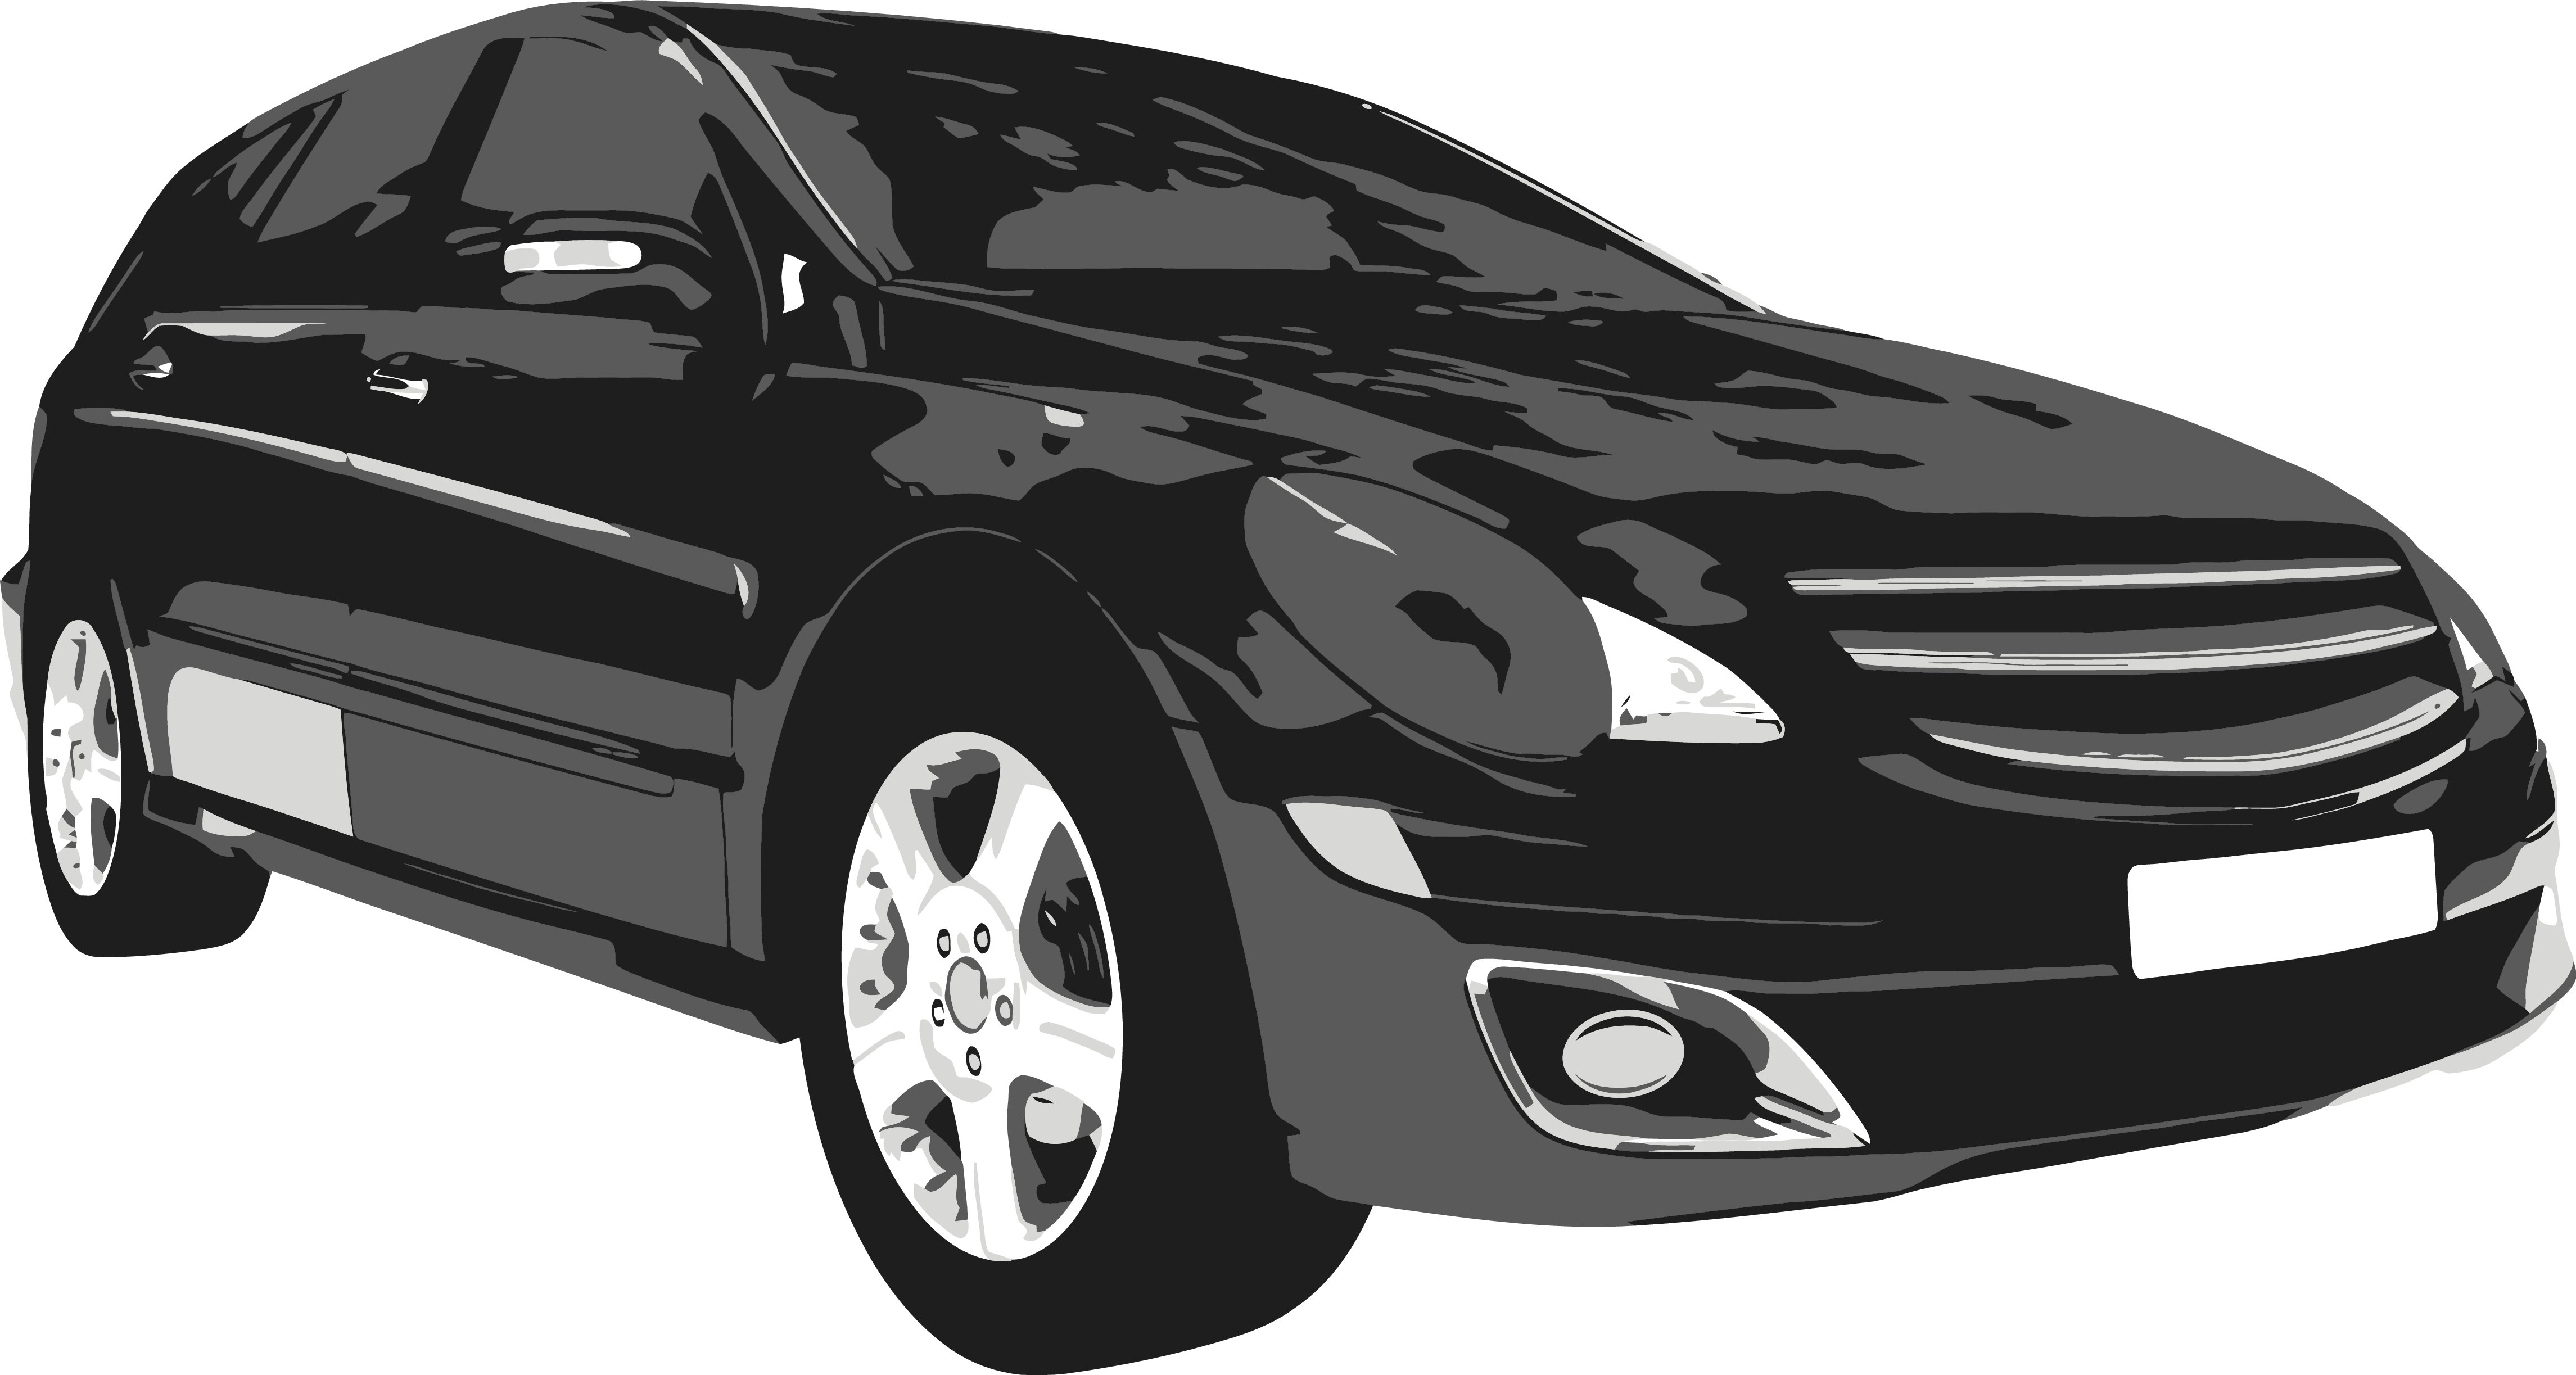 Parkplatzrempler erfordern ebenso einen Polizeieinsatz, wie größere Verkehrsunfälle